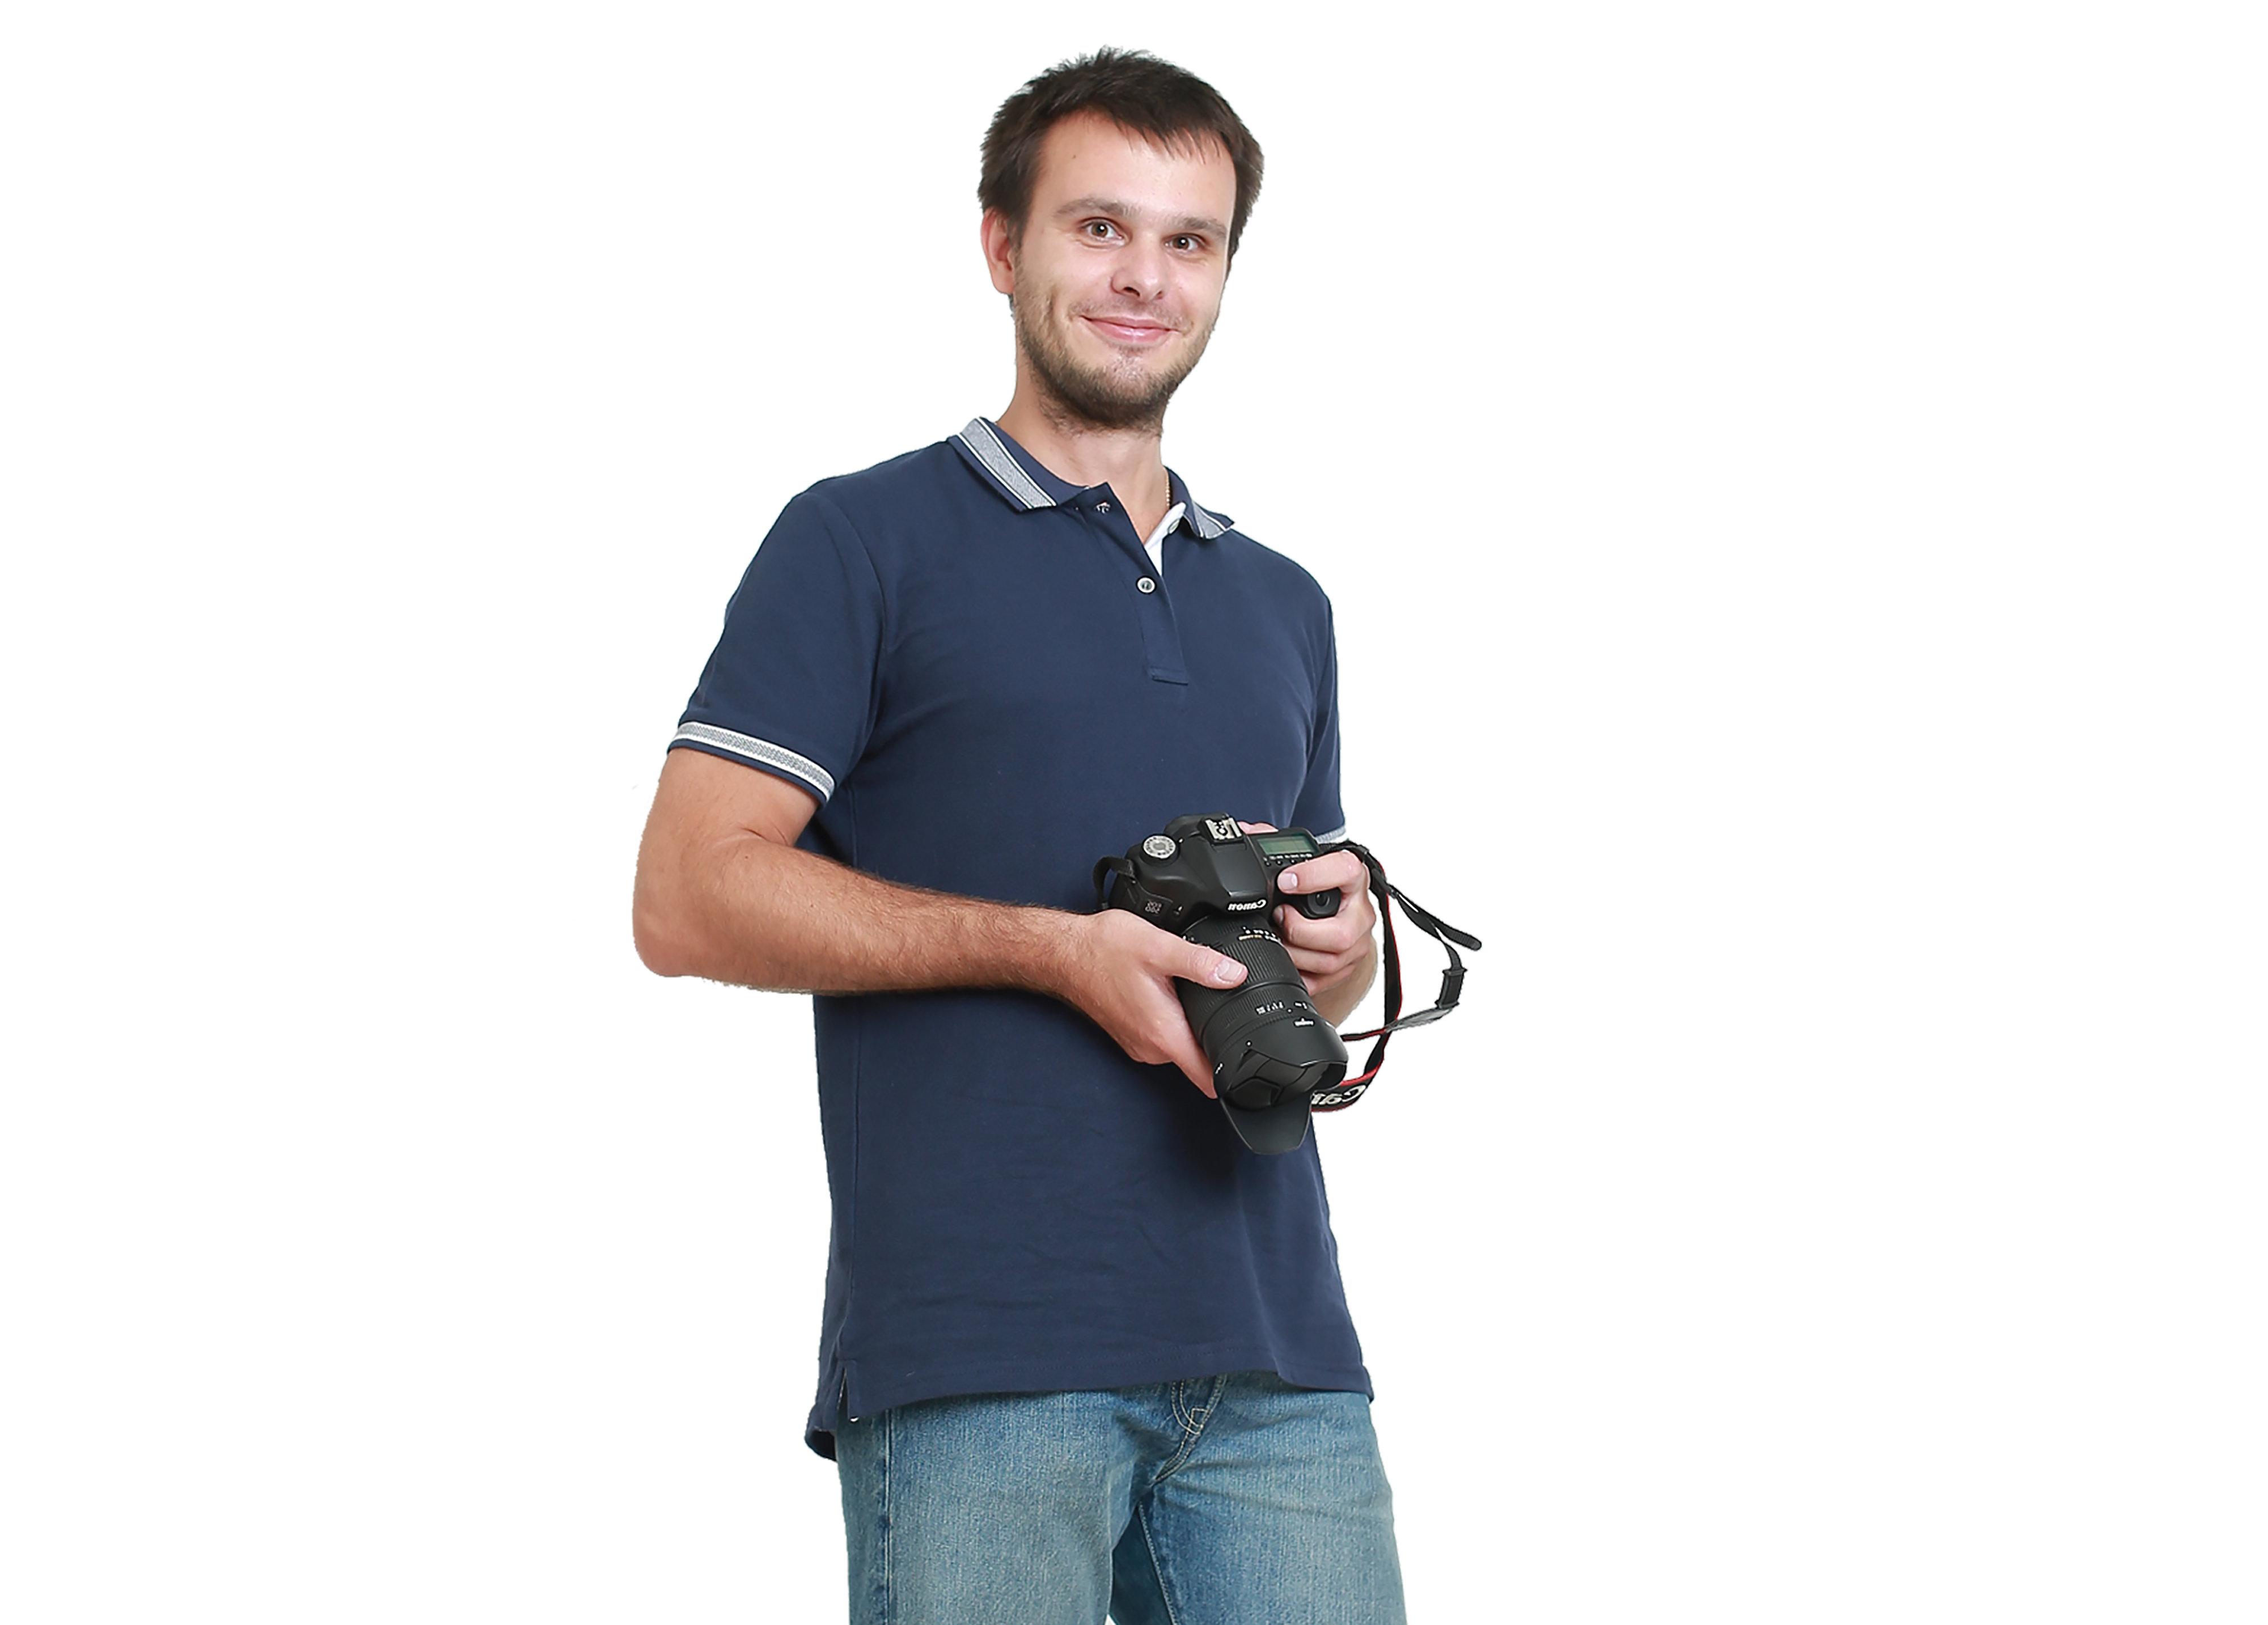 Фрилансер в нижнем новгороде вакансии удаленная работа оператором call-центра на дому удаленно